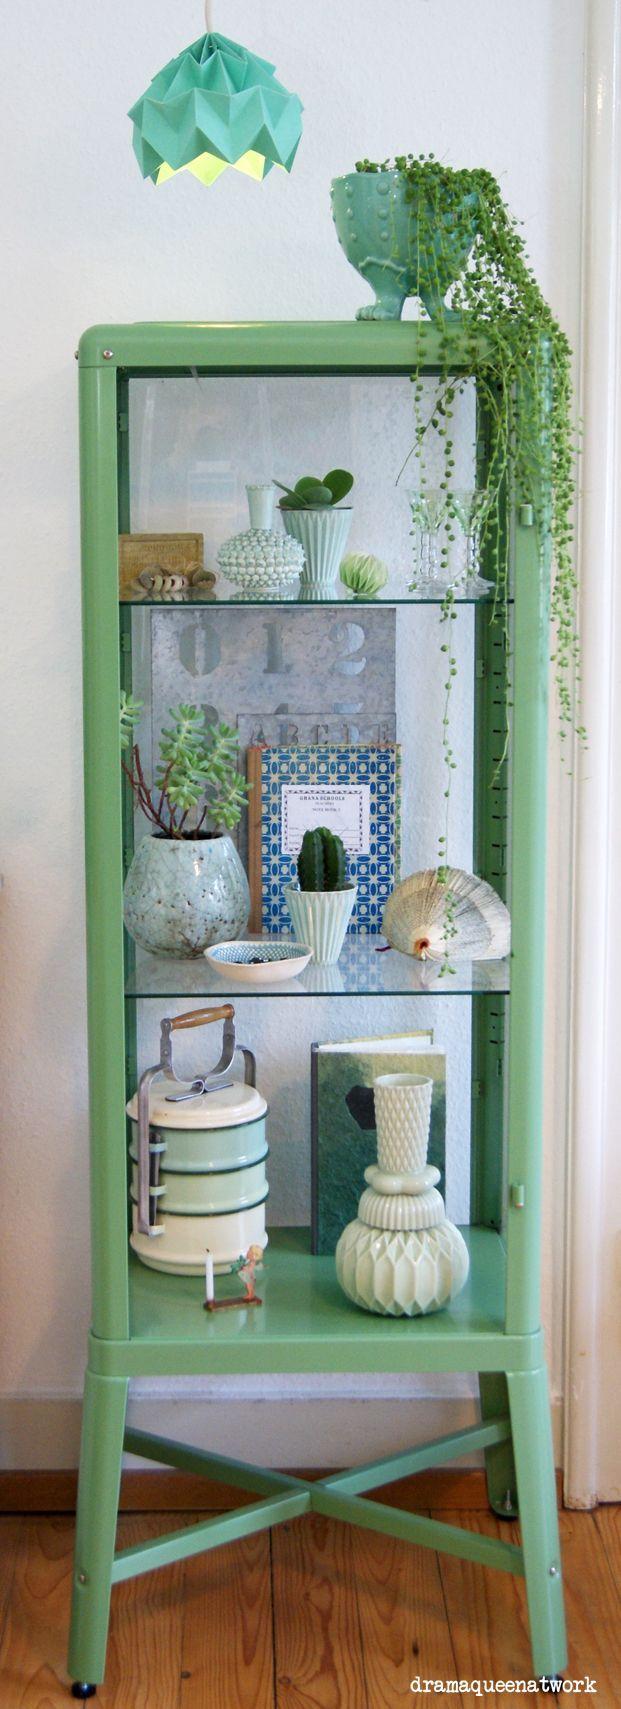 (via (207) My shelfie | Jungles, Ikea Cabinets and Plants)